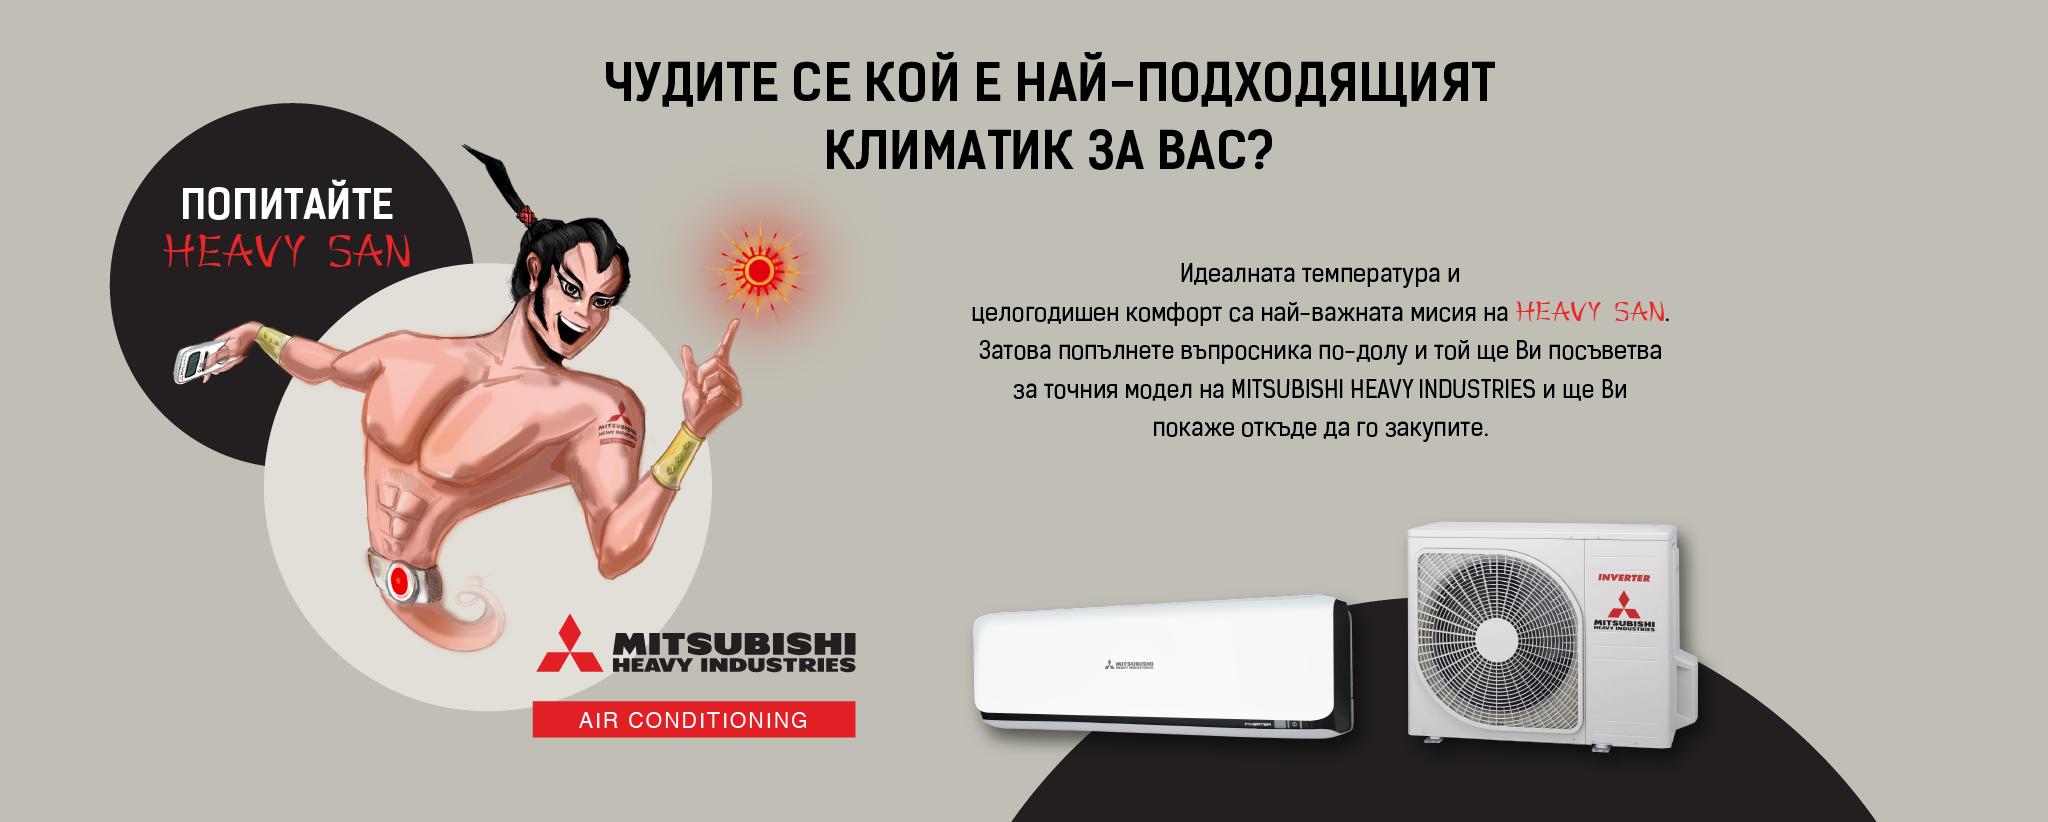 mitsubishi heavy industries, климатици, какъв климатик да избера, съветник за климатици